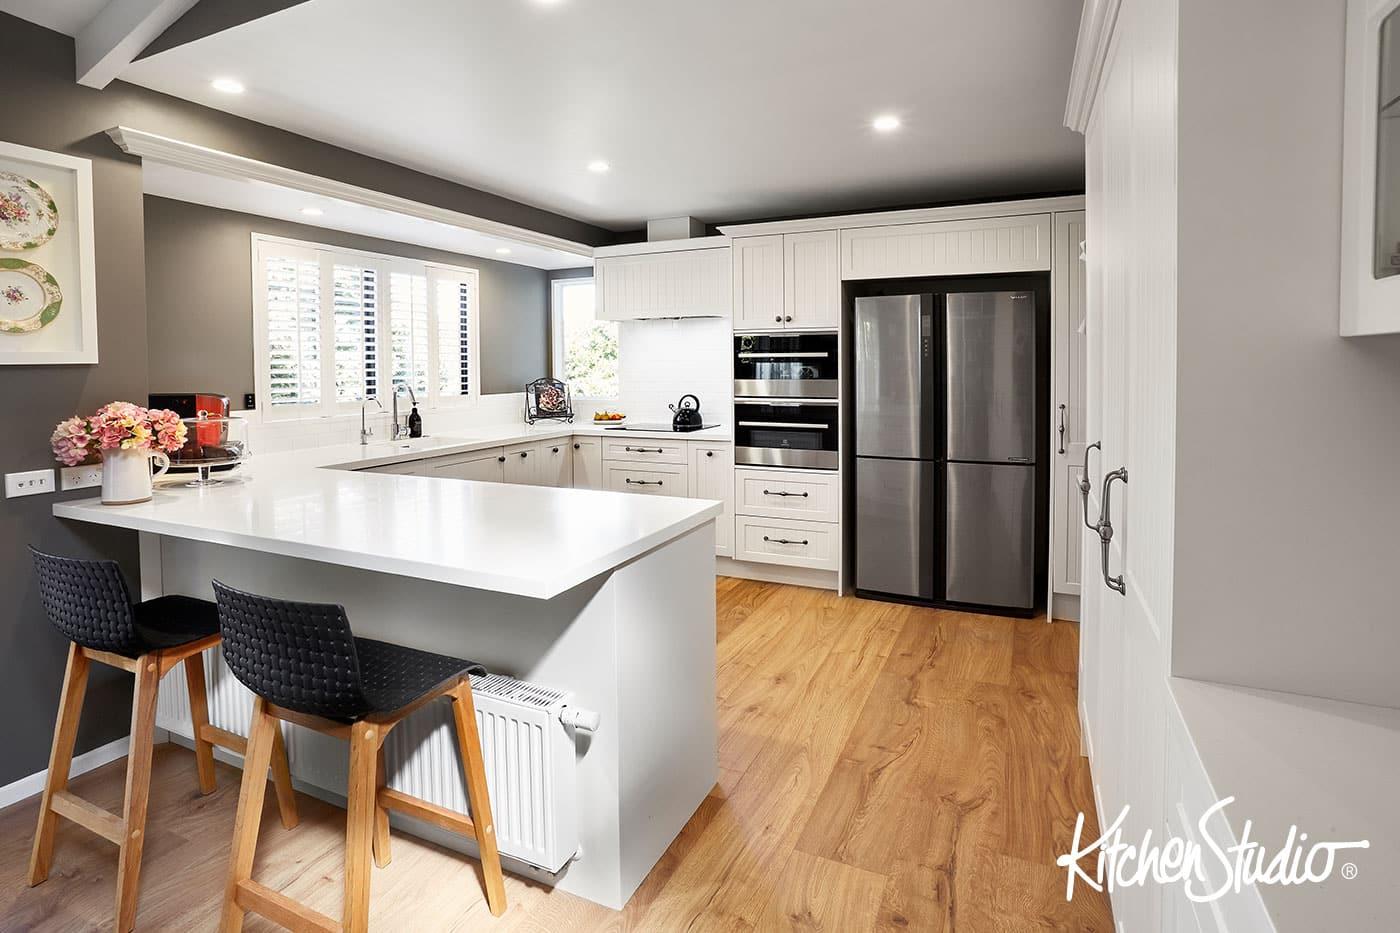 Kitchen Design Gallery Be Inspired By Kitchen Studio